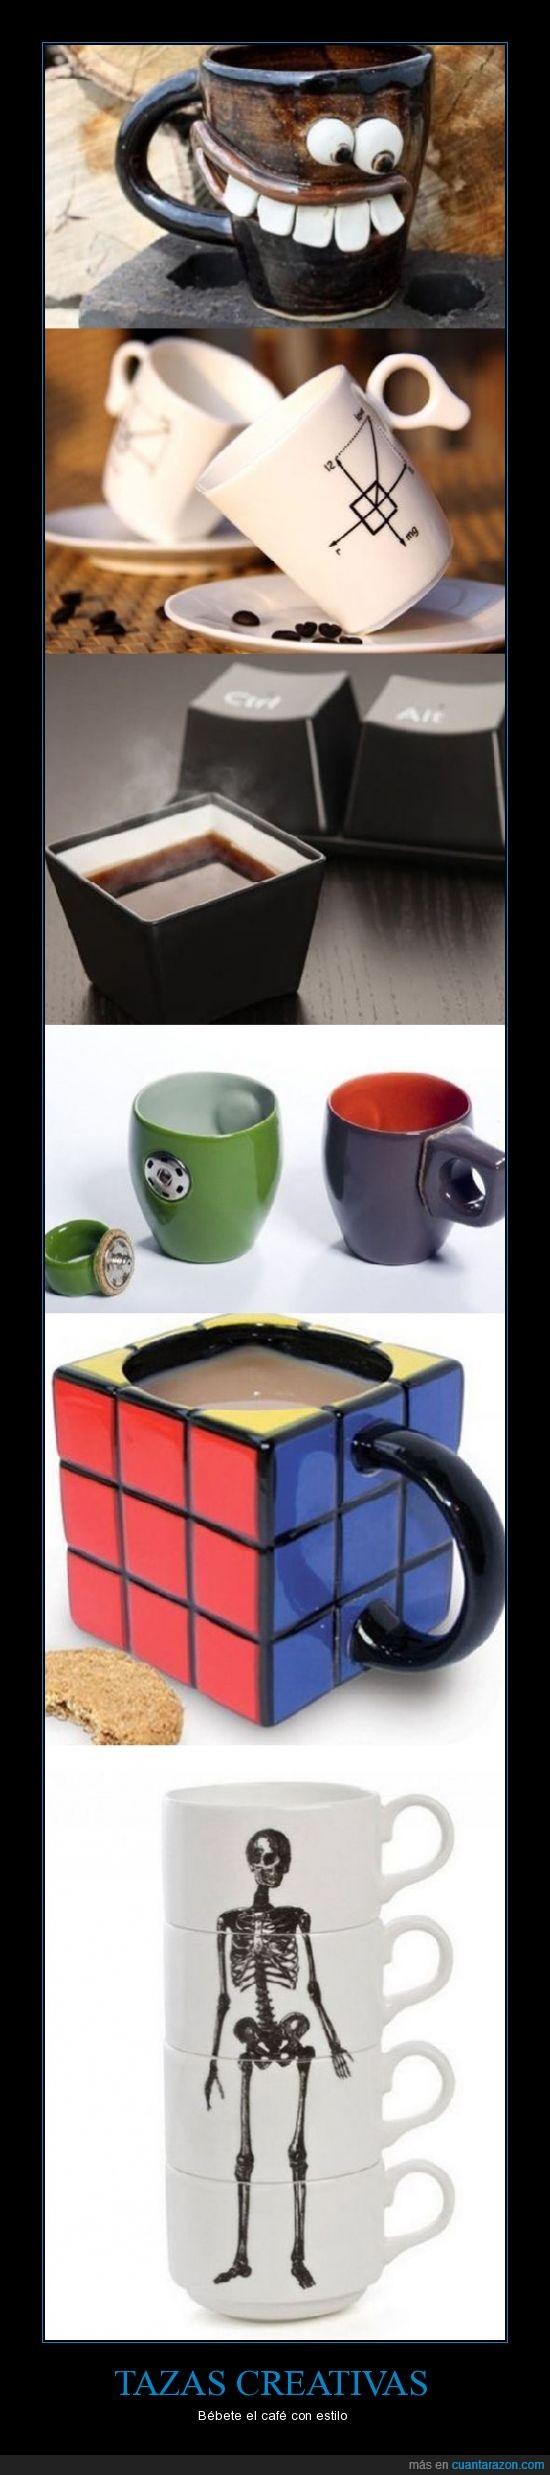 café,creativas,estilo,Tazas